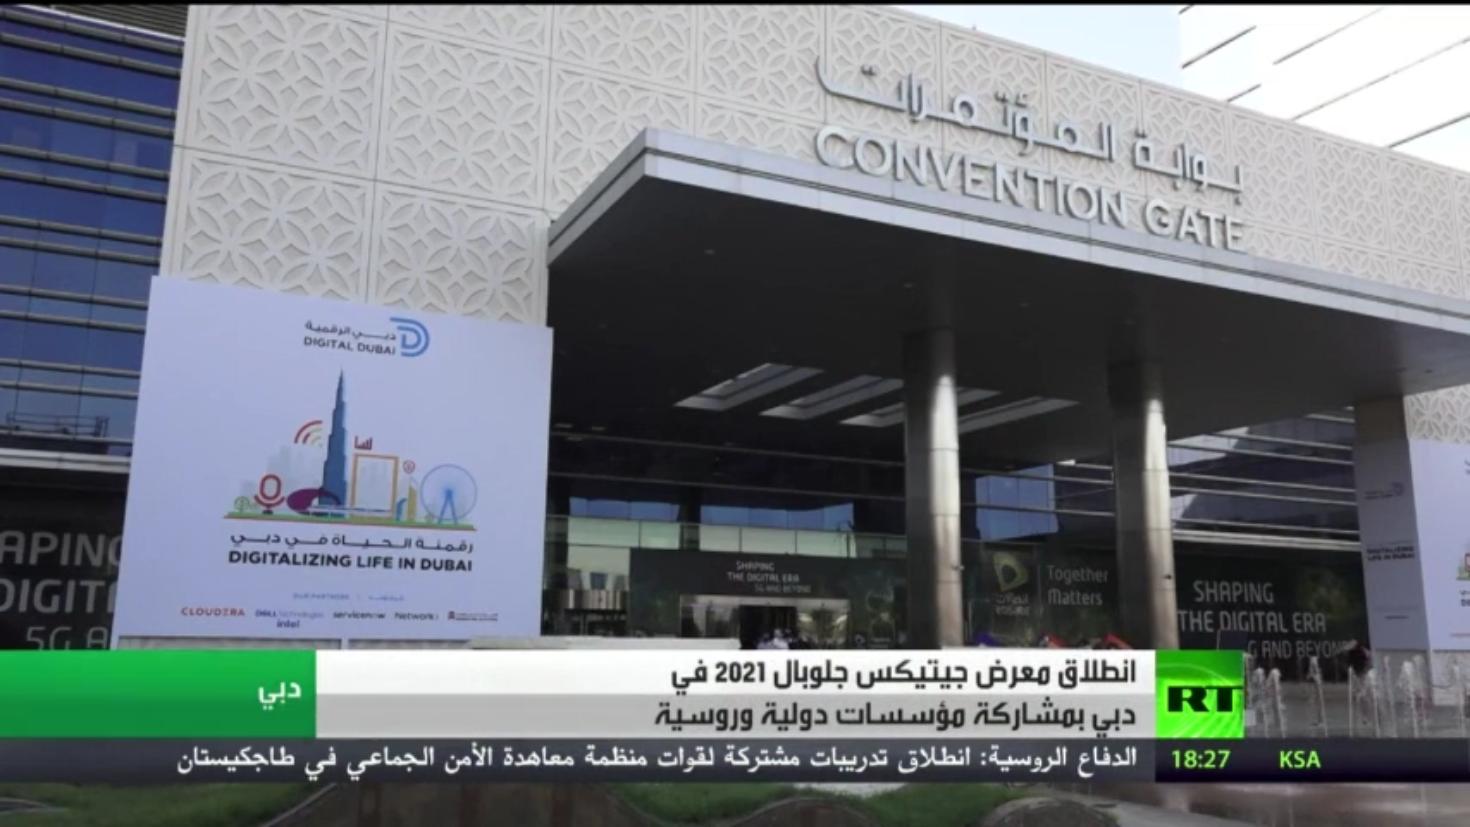 انطلاق معرض جيتيكس جلوبال 2021 في دبي